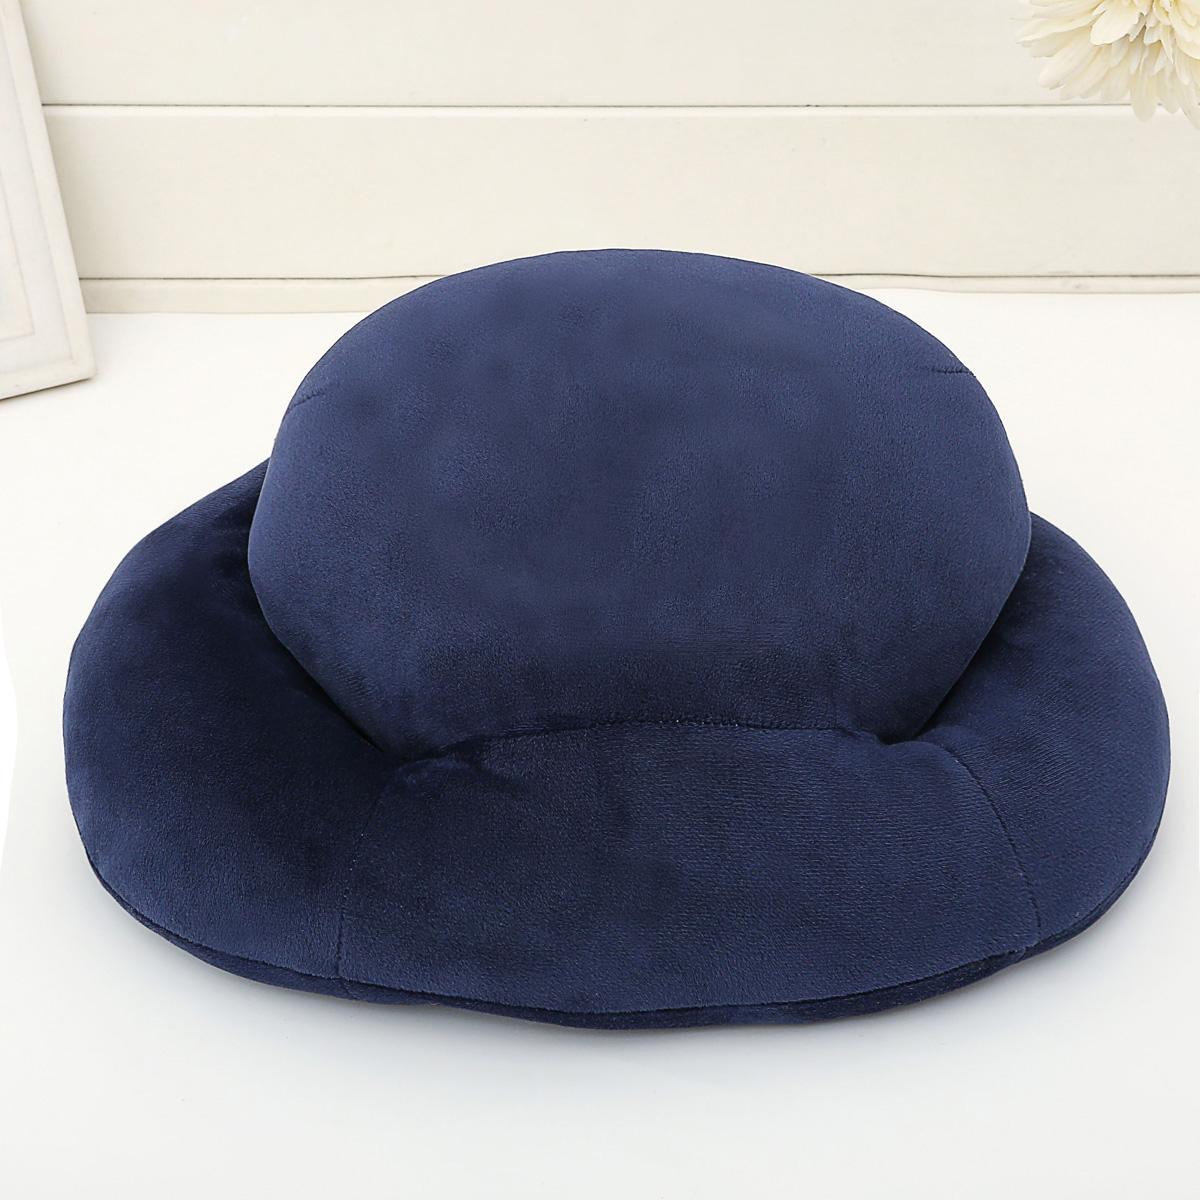 纯色藏青午睡枕